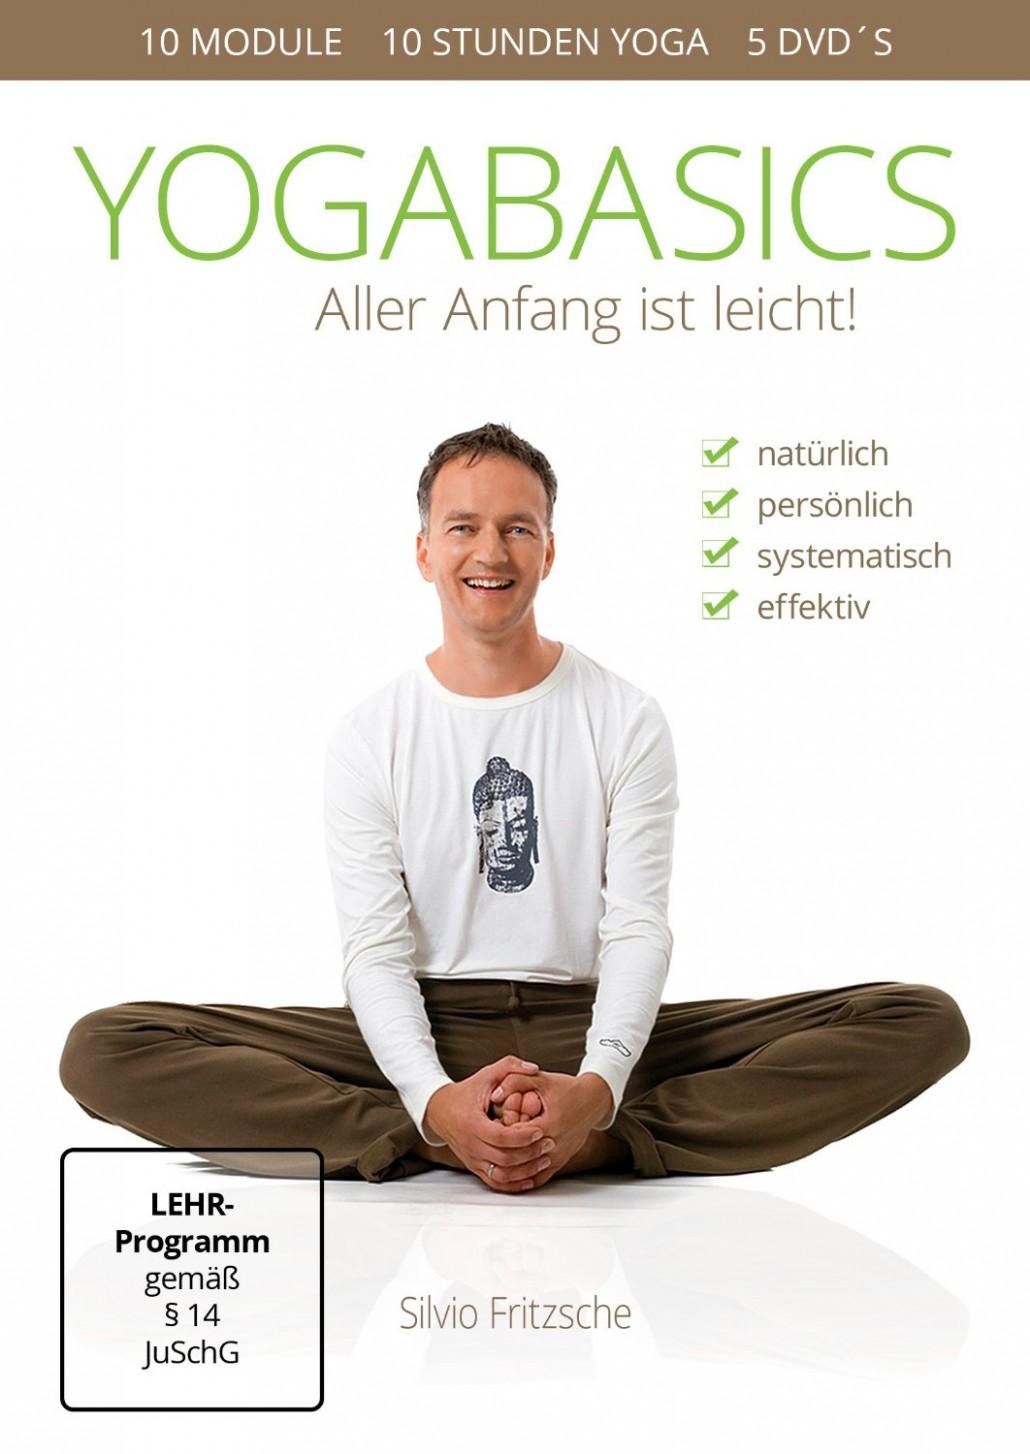 yogabasics-erfahrungsbericht